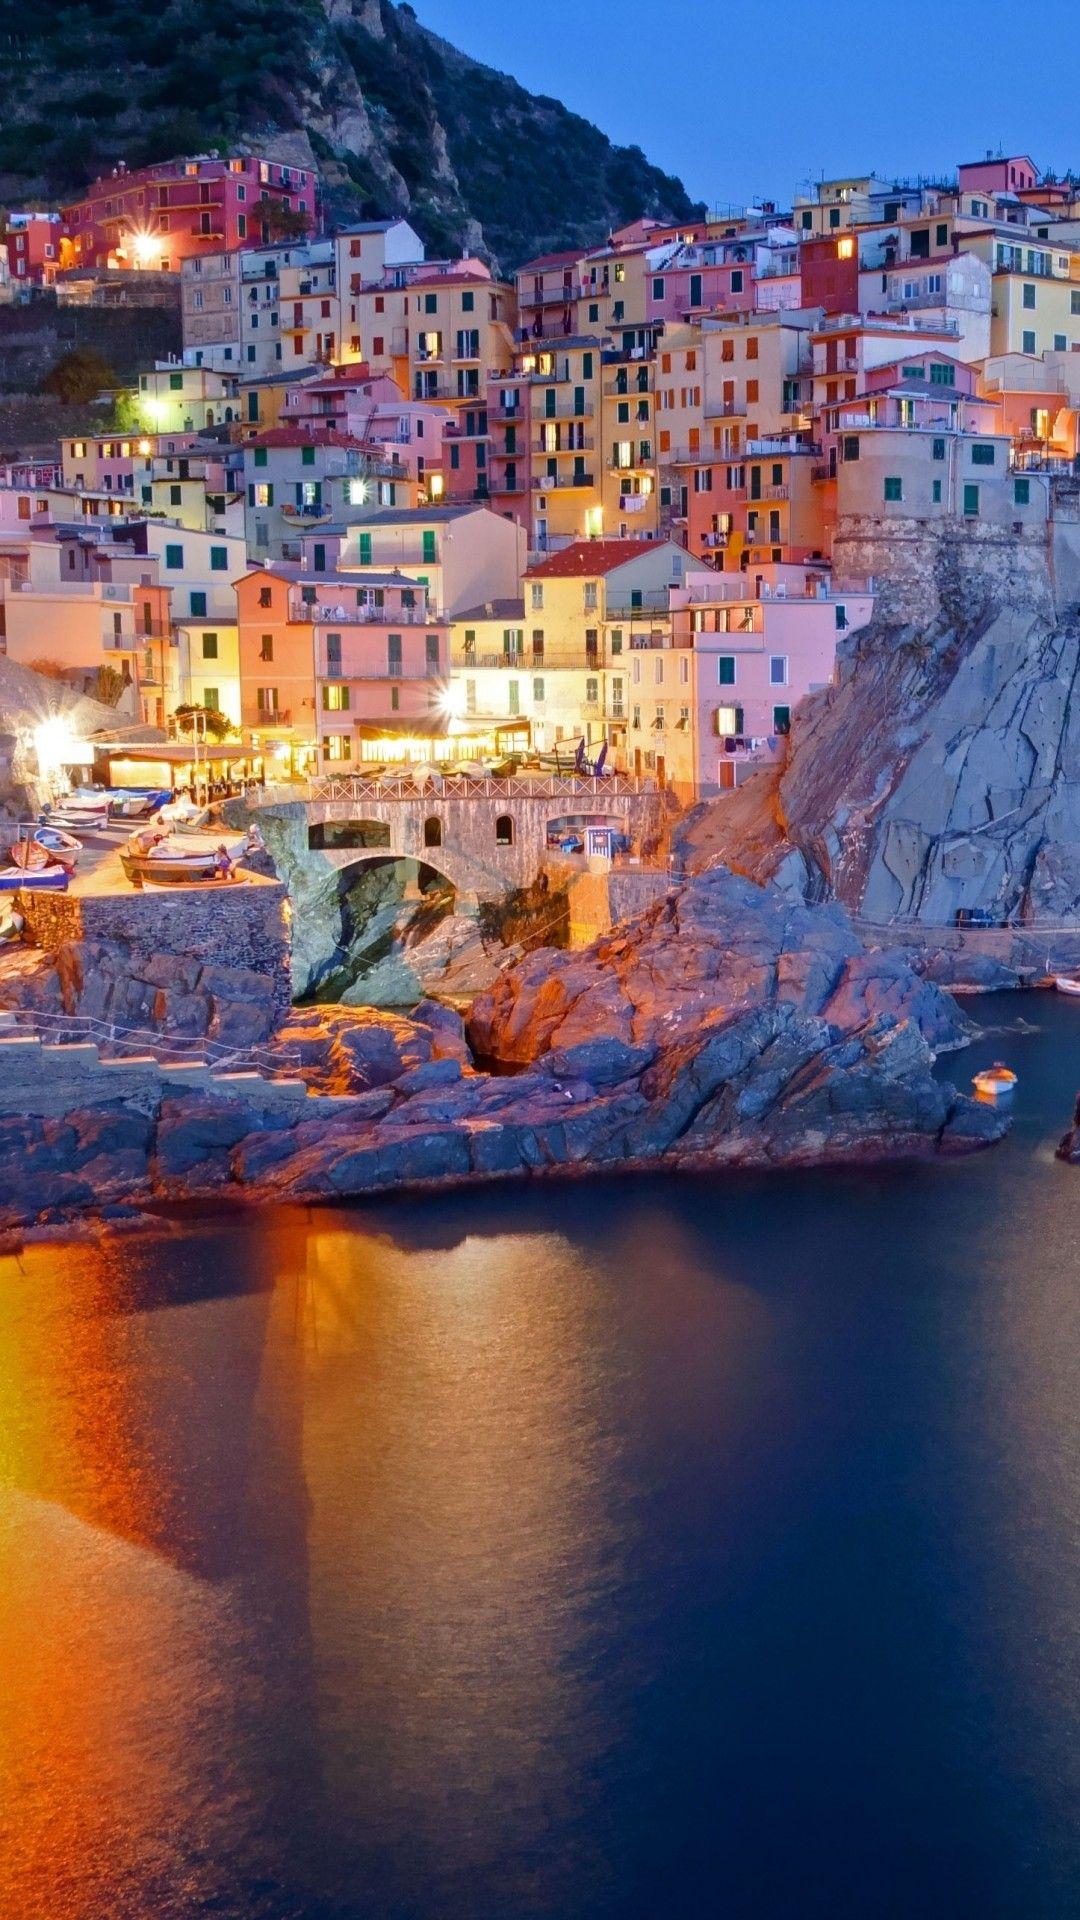 イタリア マナローラ 海岸沿いの夜景 夜景 壁紙 史跡 壁紙